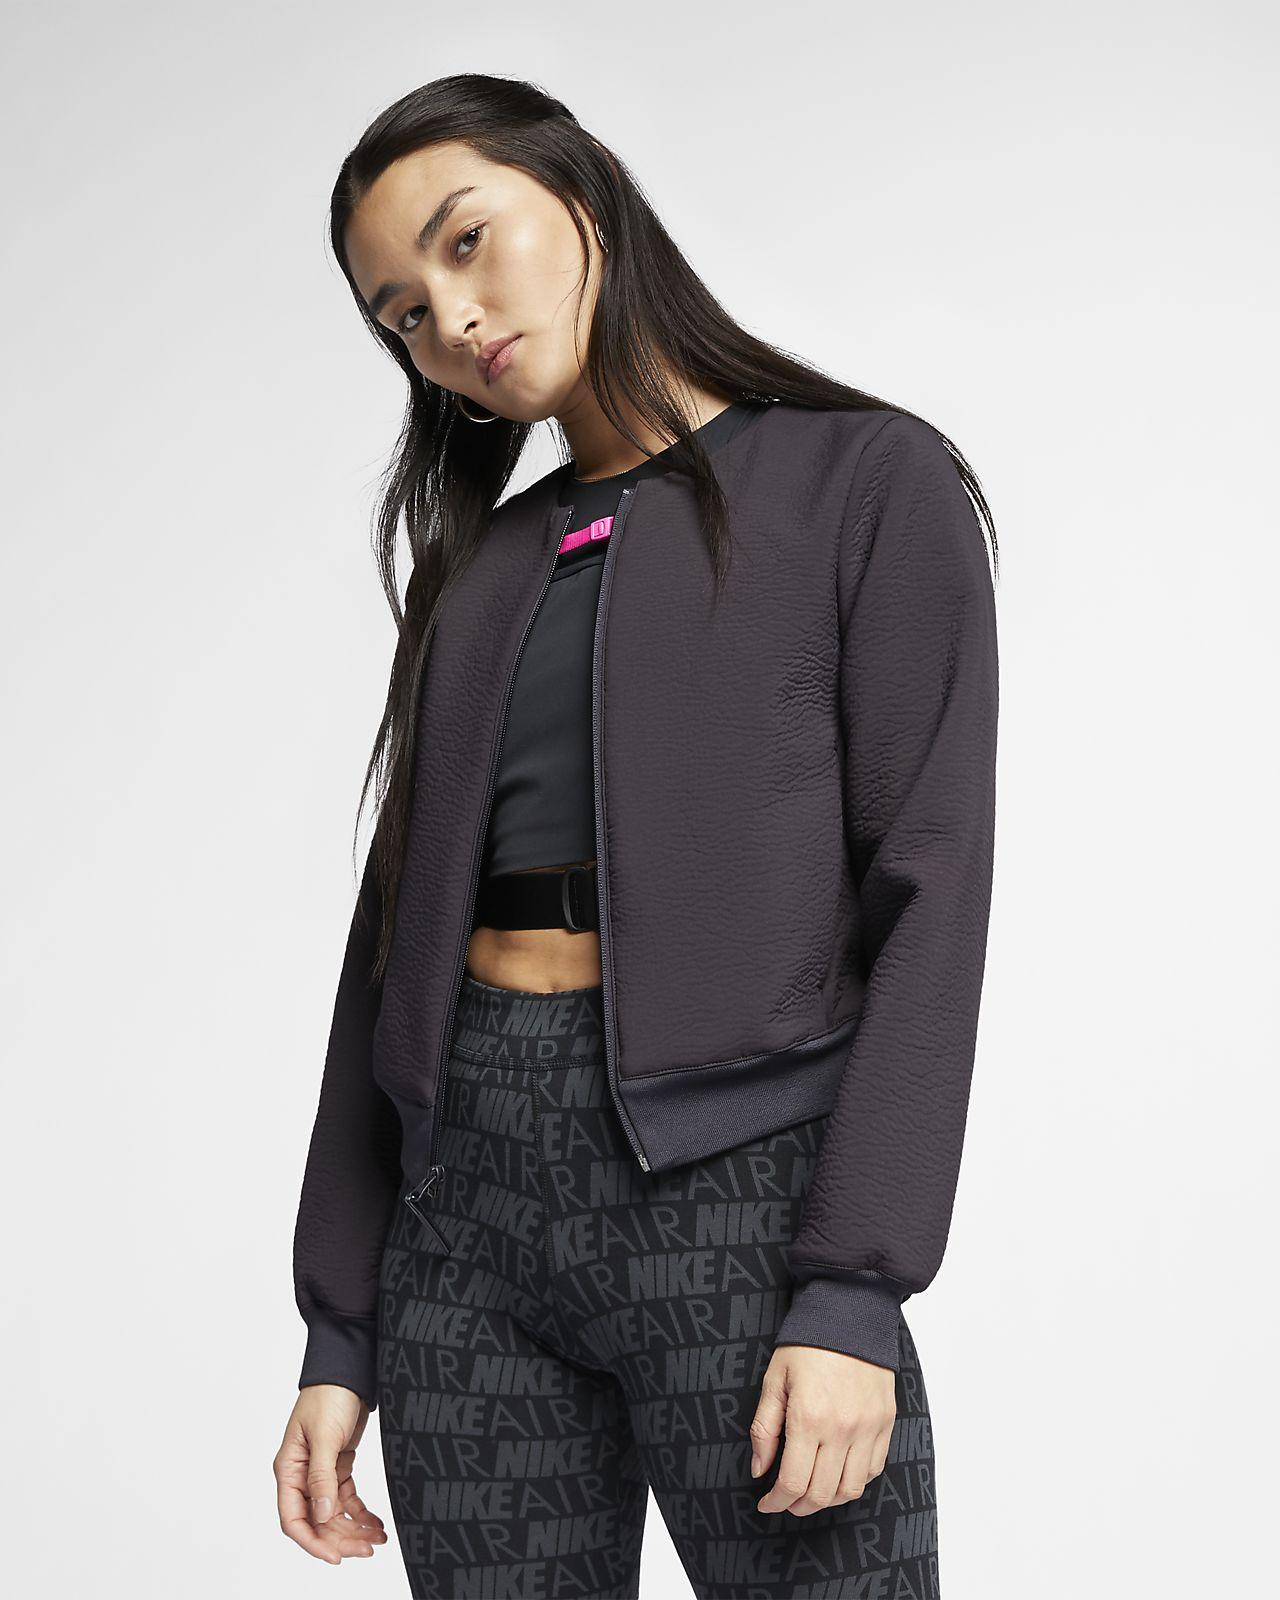 Nike Sportswear Tech Pack Women's Full-Zip Jacket